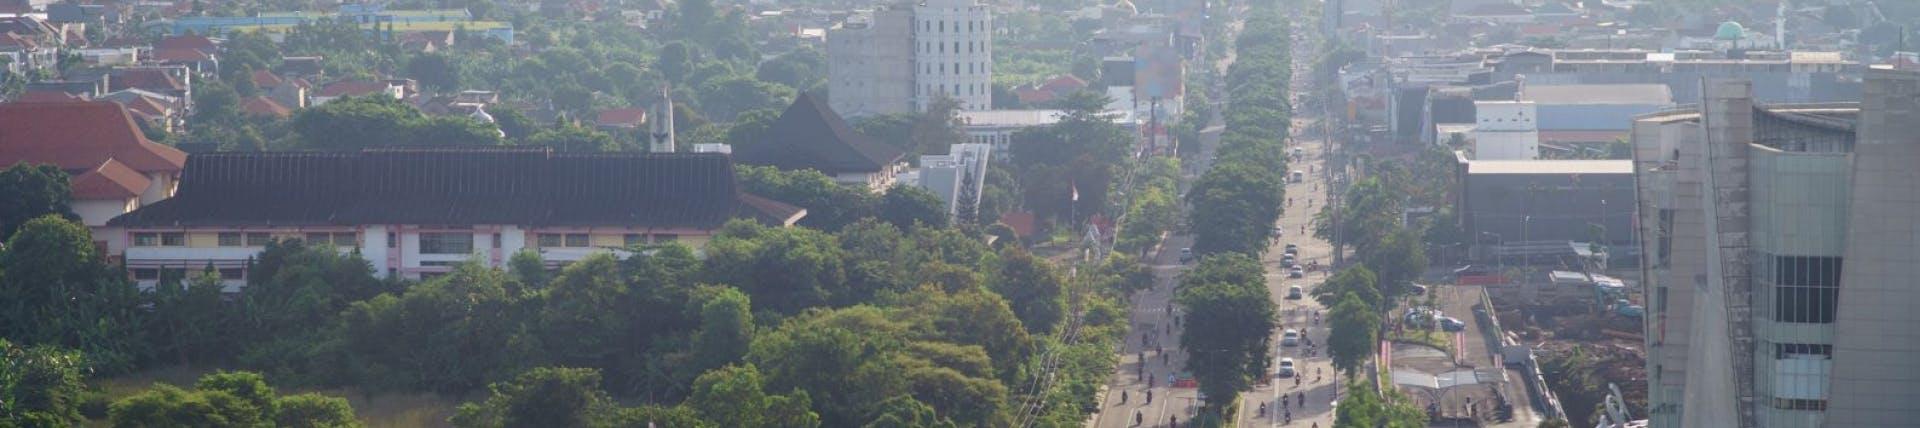 Picture of Surabaya